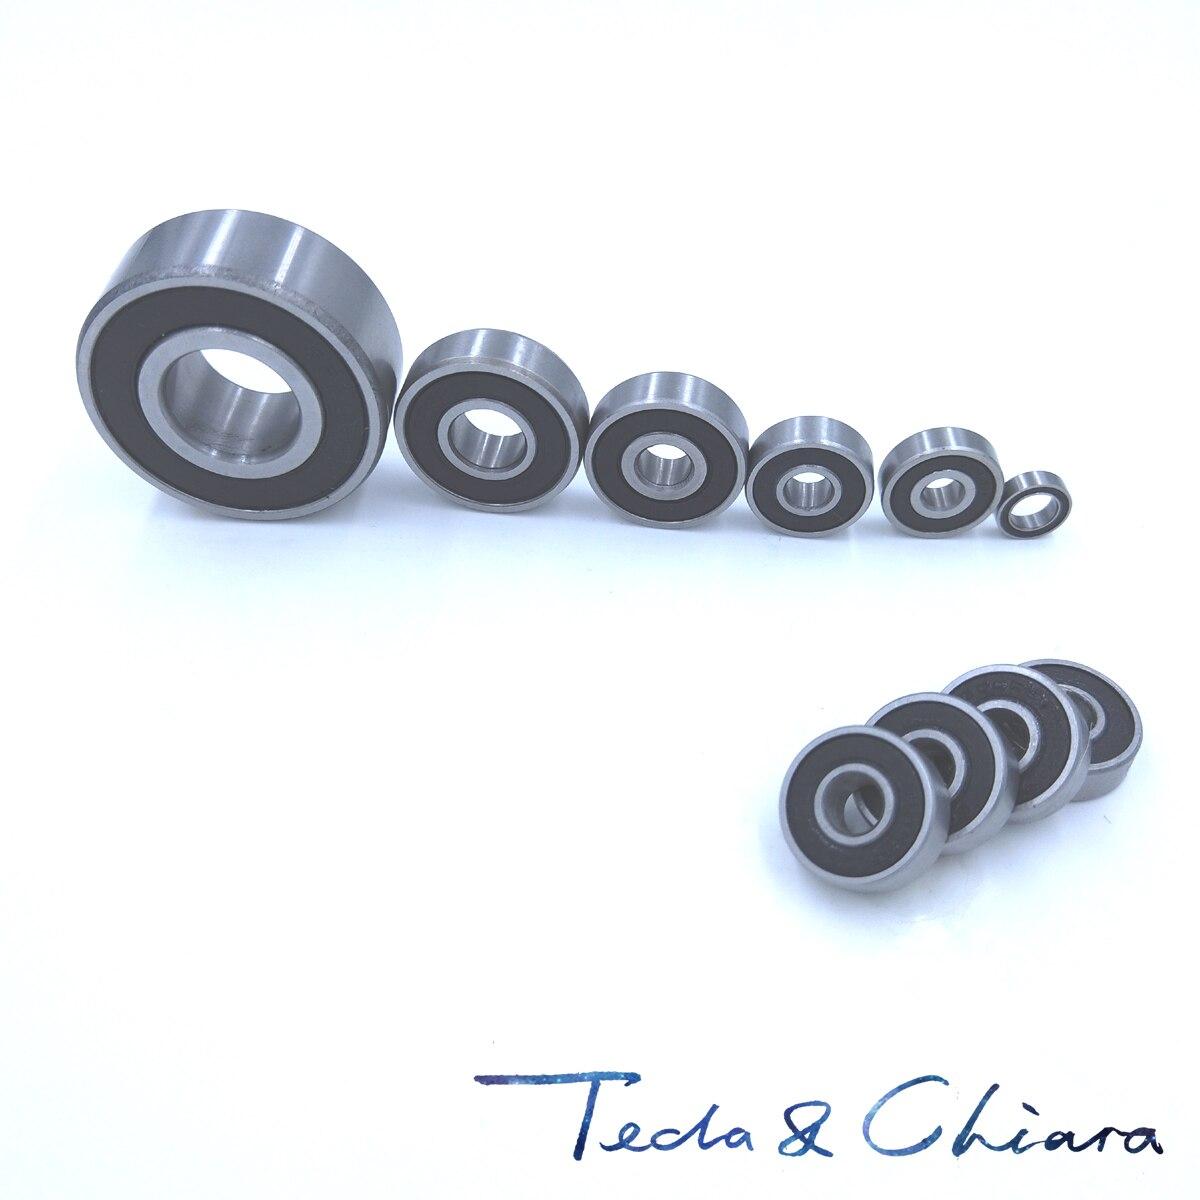 2 uds 6204-2RS 6204RS 6204rs 6204 rs los rodamientos de bolas de ranura profunda 20x47x14mm envío gratis de alta calidad